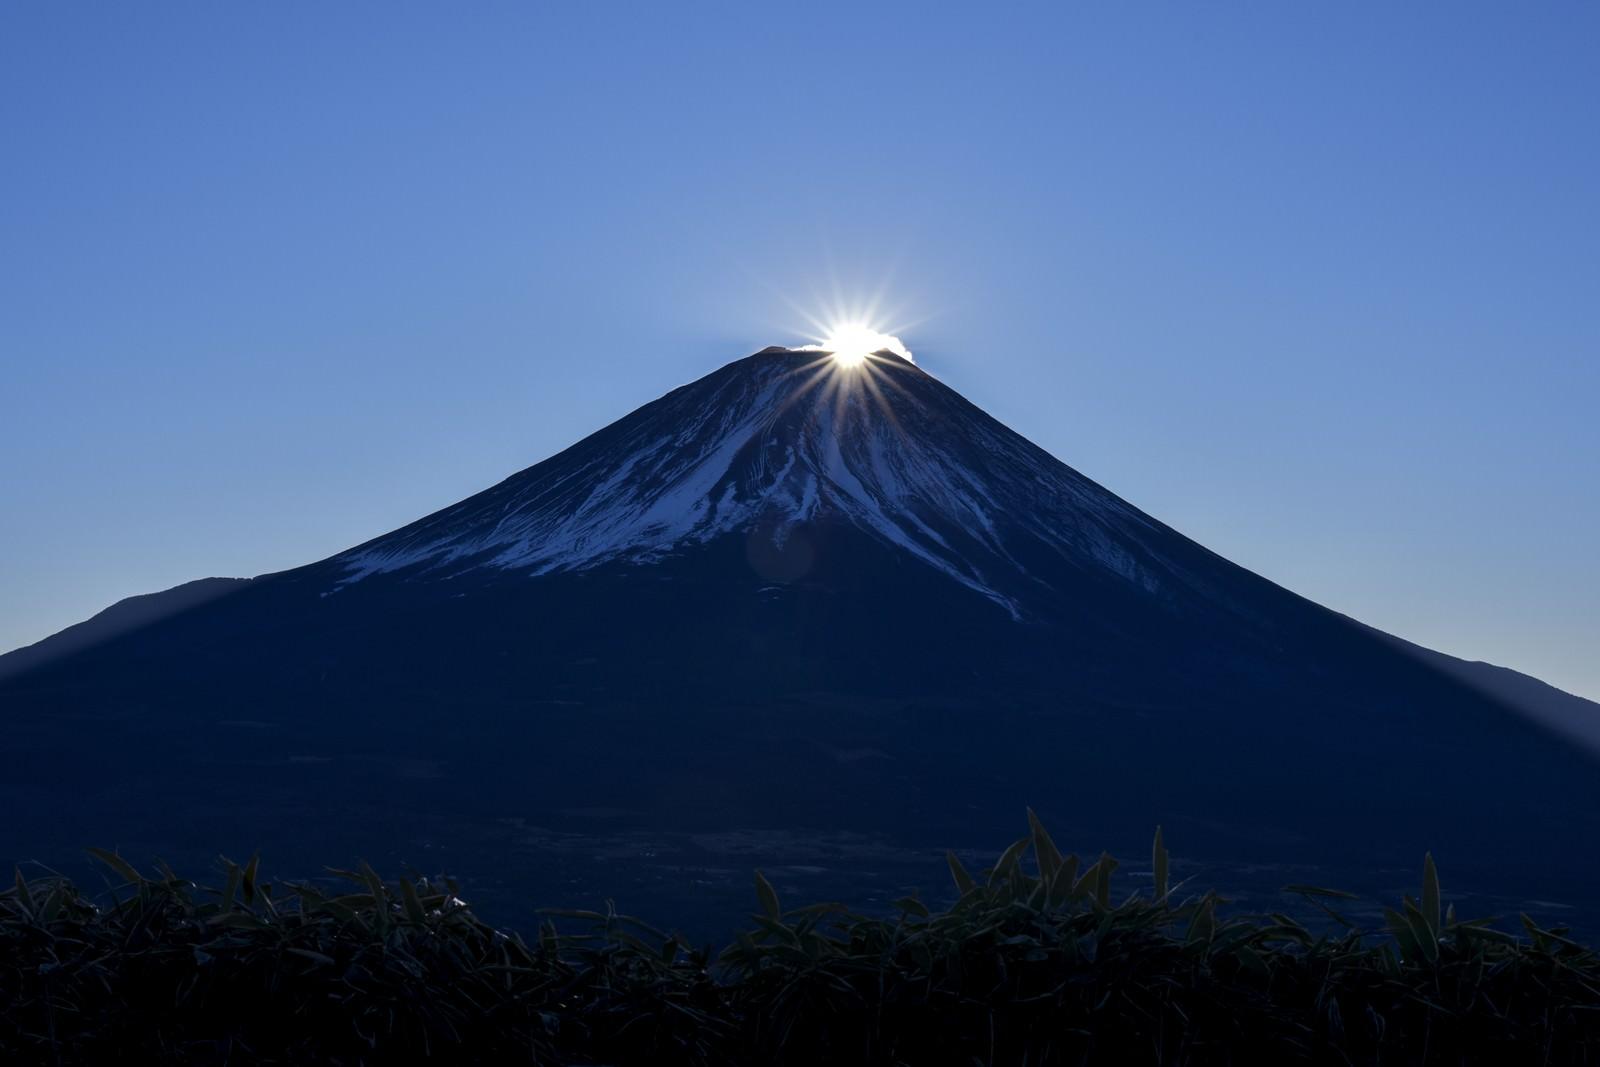 「山頂に登り始めた太陽(富士山)」の写真